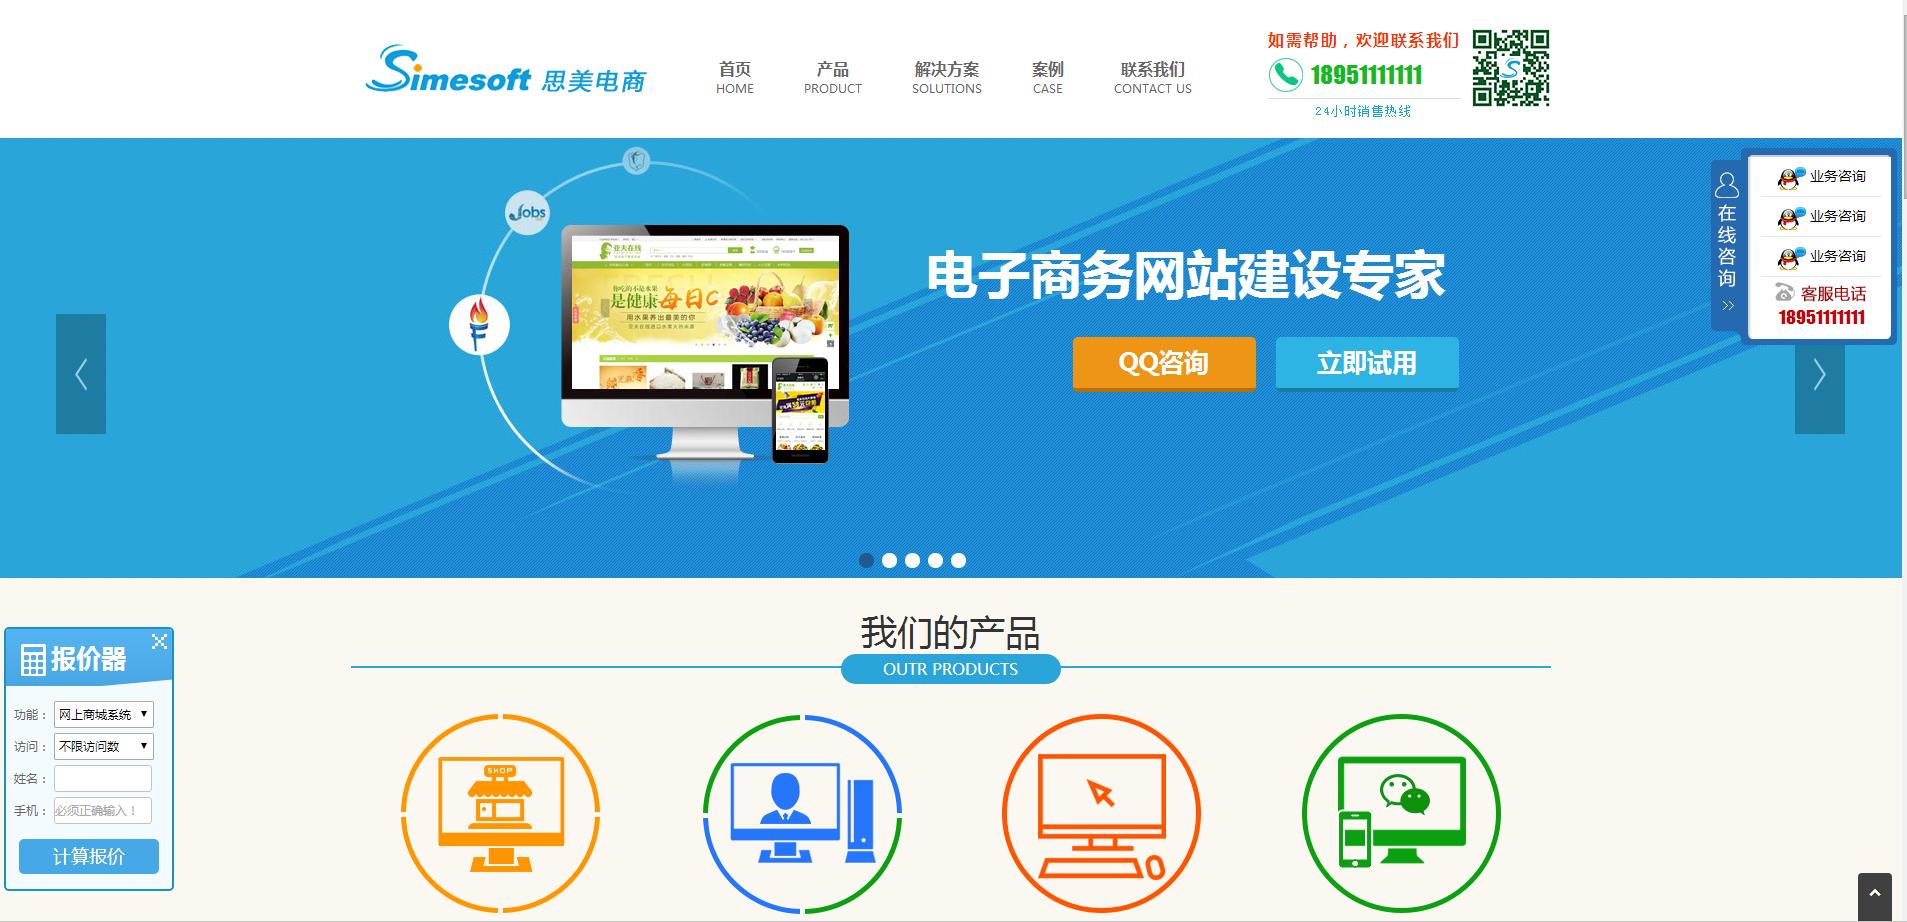 蓝色电子商务企业官网全站网站模板下载